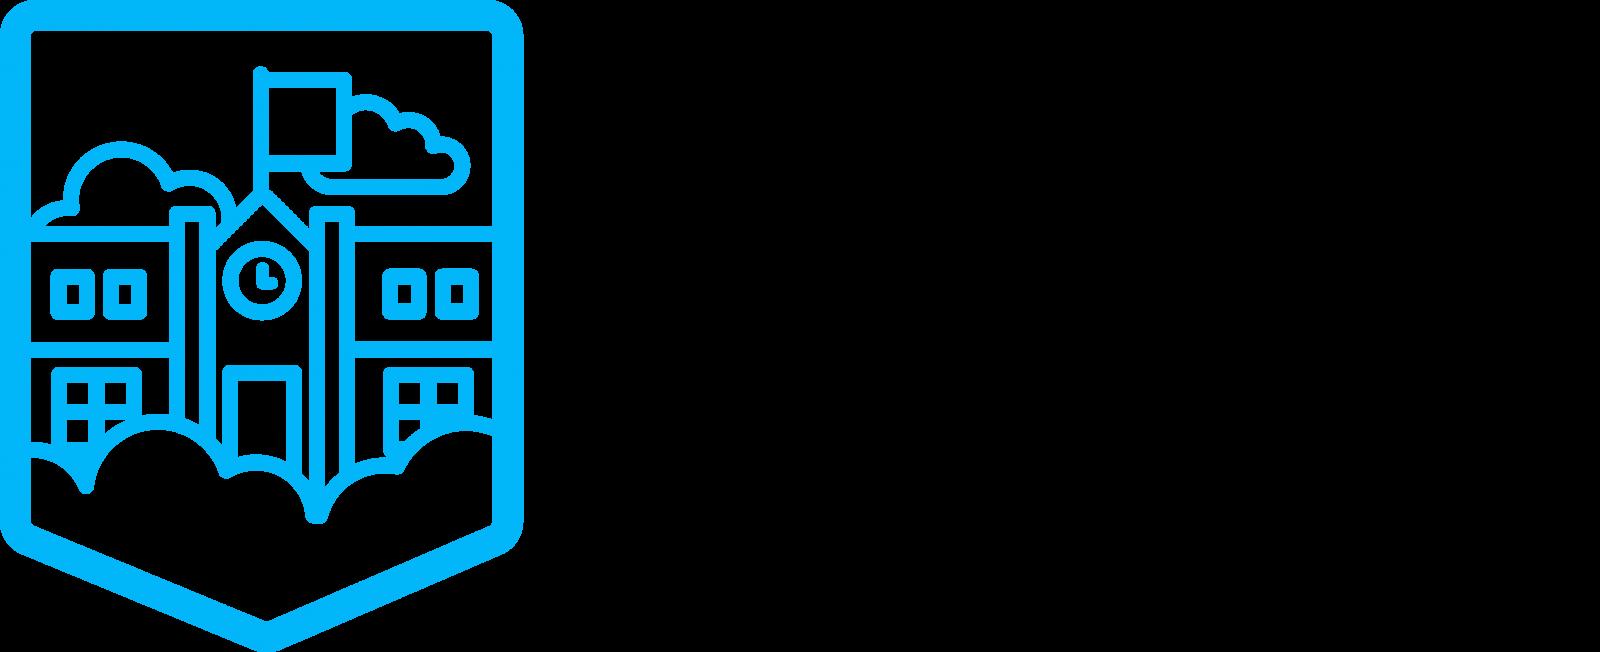 Niebieska tabliczka (certyfikat), na której widnieje napis Szkoła w Chmurze Microsoft EMPOWERING THE STUDENTS OF TODEY TO CREATE THE WORD OF TOMORROW Wyróżnienie dla szkoły za bycie innowacyjną placówką, wykorzystującą najnowsze rozwiązania Microsoft dla Edukacji.